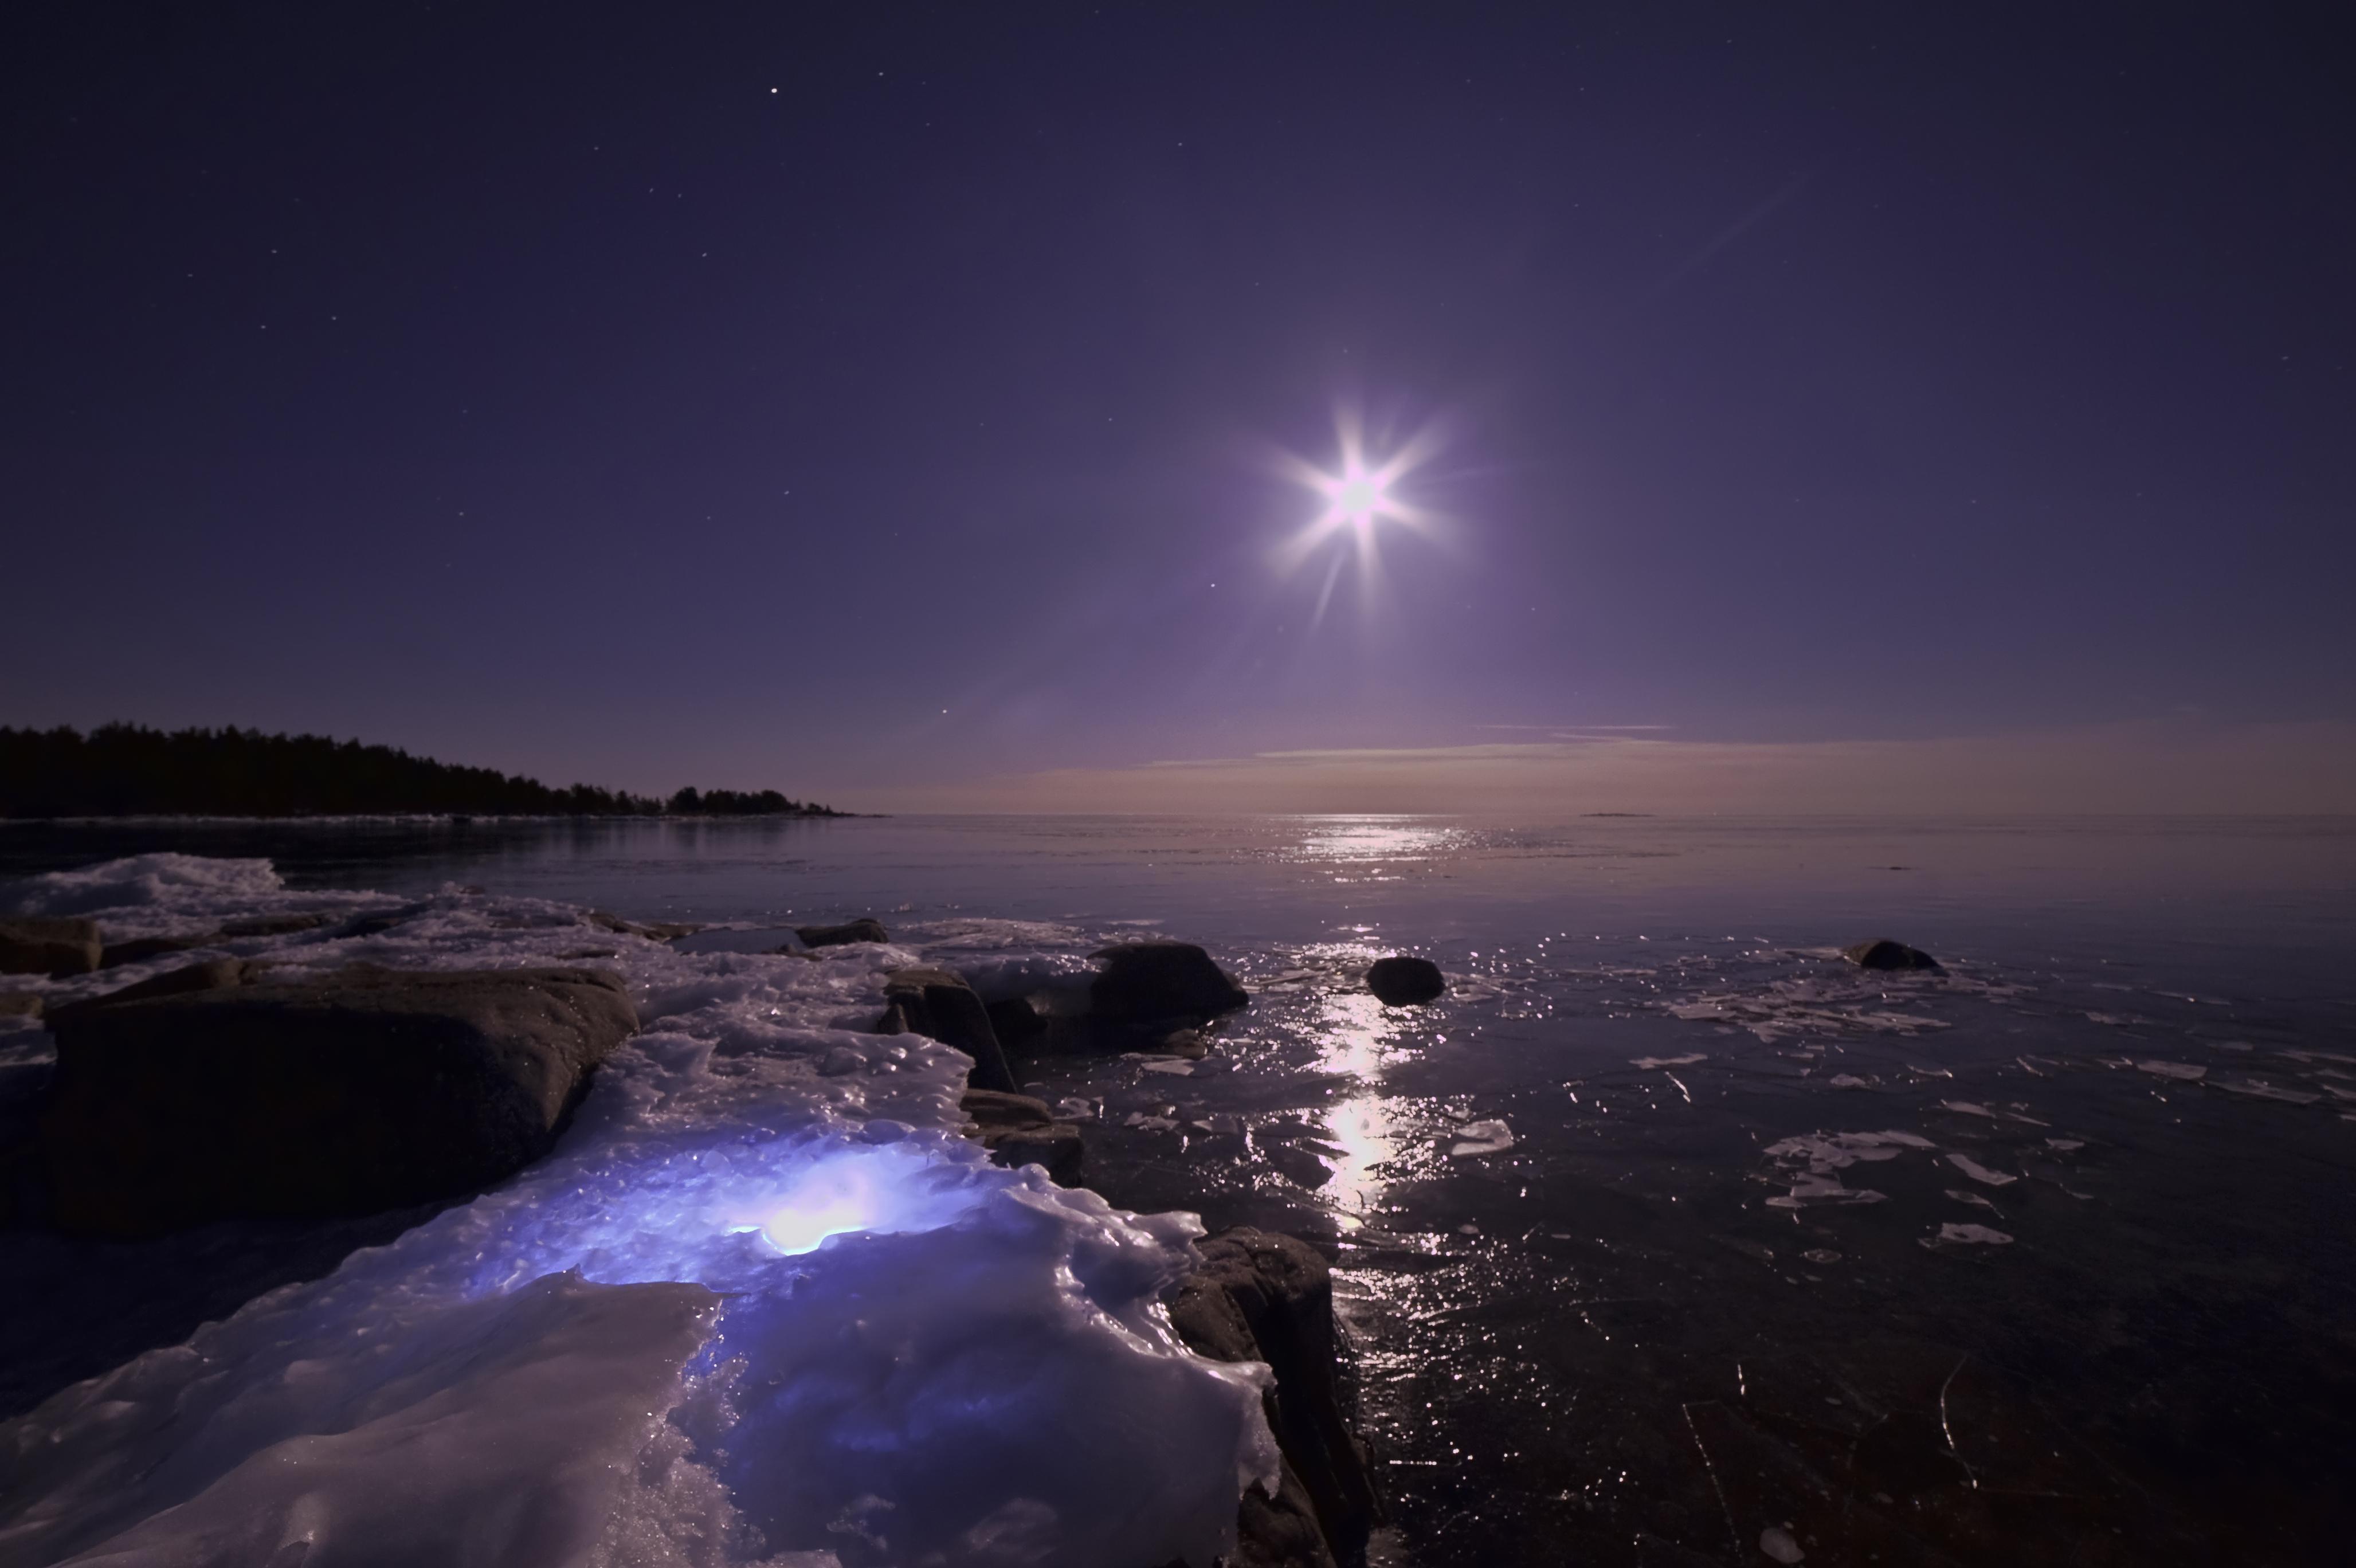 ладонях картинки неба с морем в ночи каждая